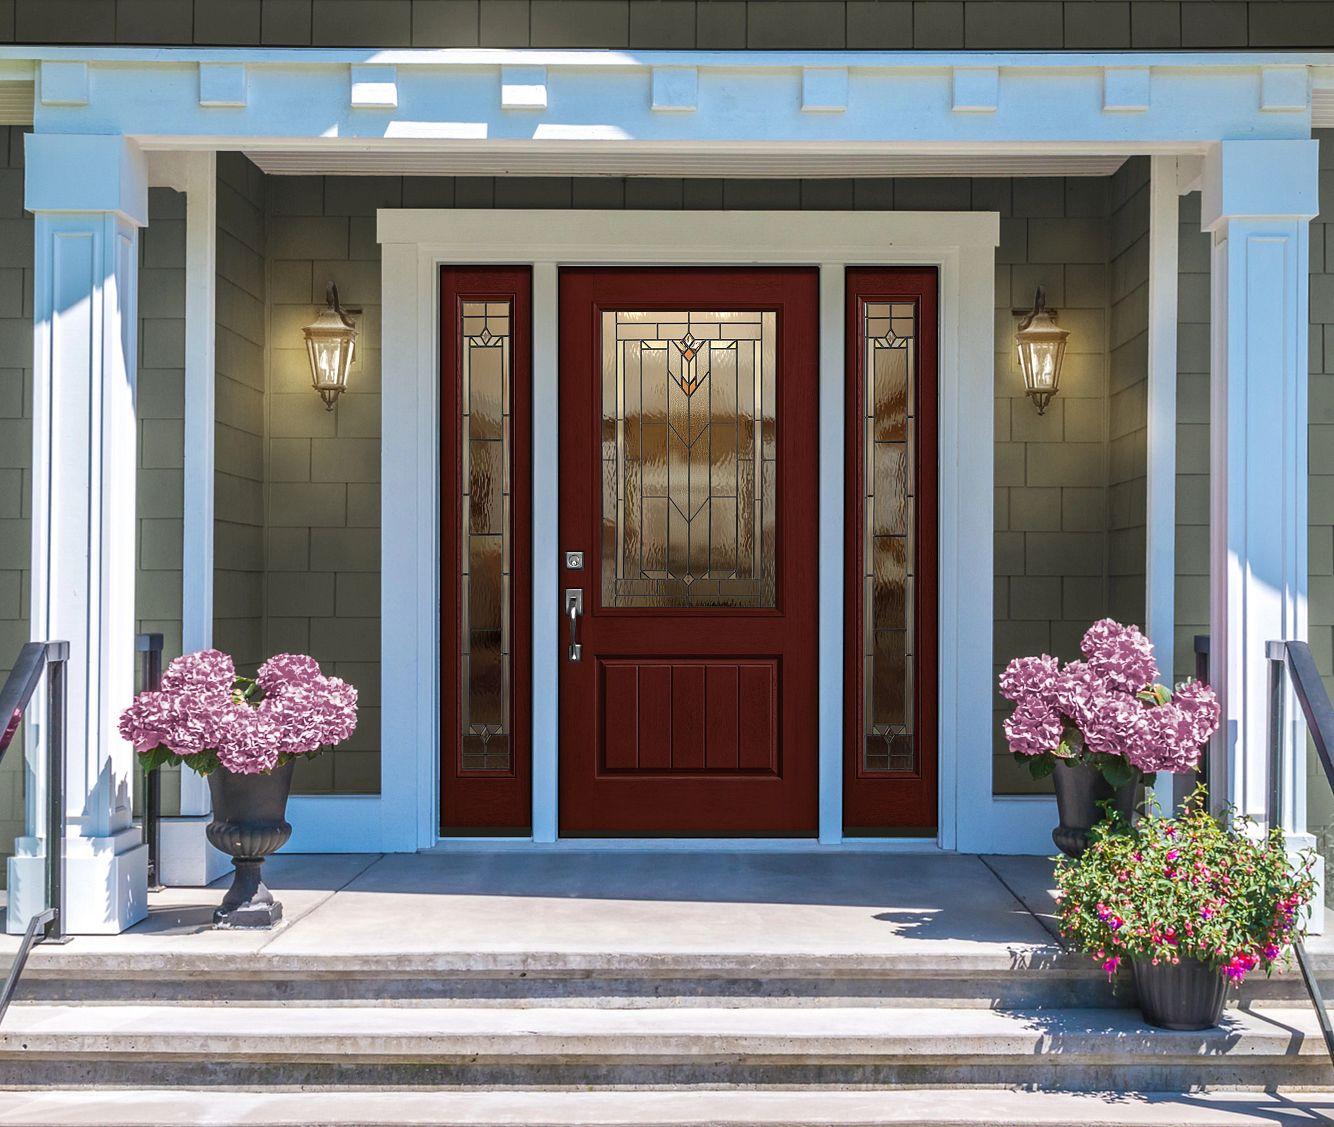 A new grand entryway front door